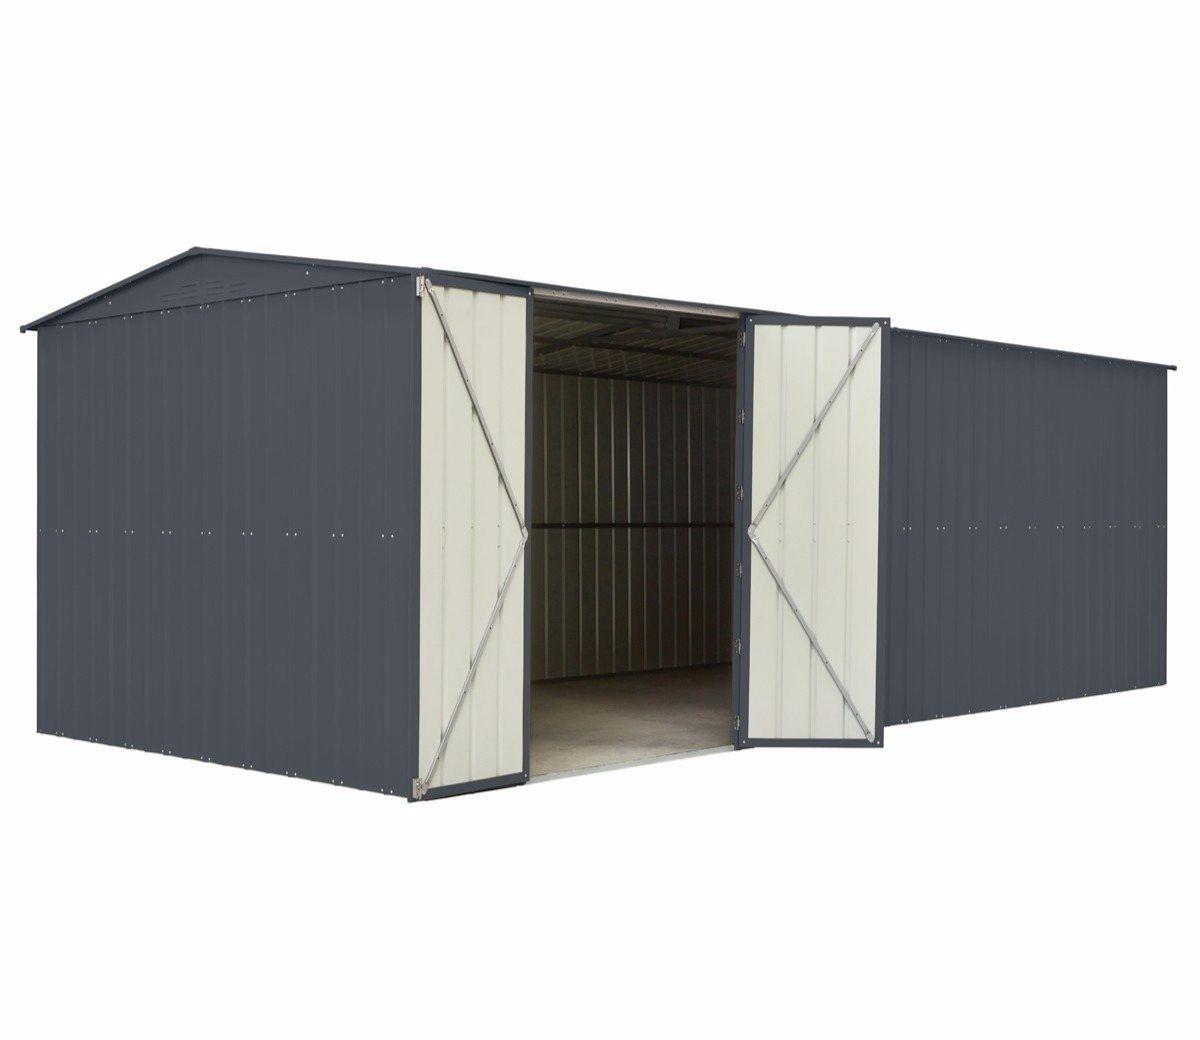 Lotus 10 X 15 Ft Metal Workshop Metal Workshop Metal Shed Apex Roof